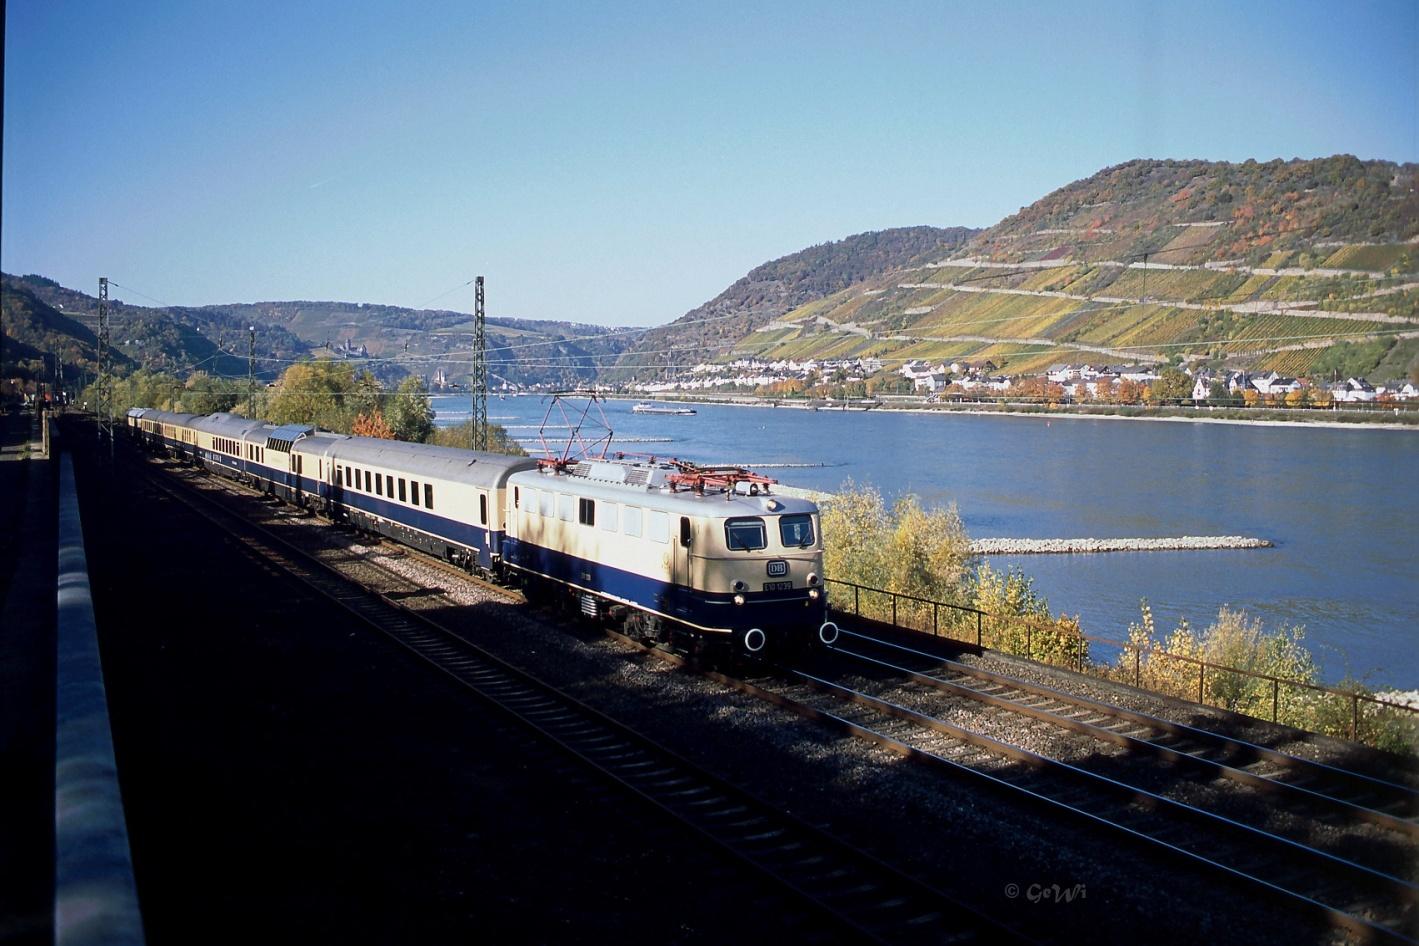 C:\Users\G.Wilhelm\LC103 HP NEU ab 01.01.19\2015+2016, warum ist es am Rhein so schön\Beitrag 15+16 fertig für HP\HP7 kl korr 2016-10-30.1korr, LC E10 1239 _FEK Rheingold, Niederheimbach 29.jpg